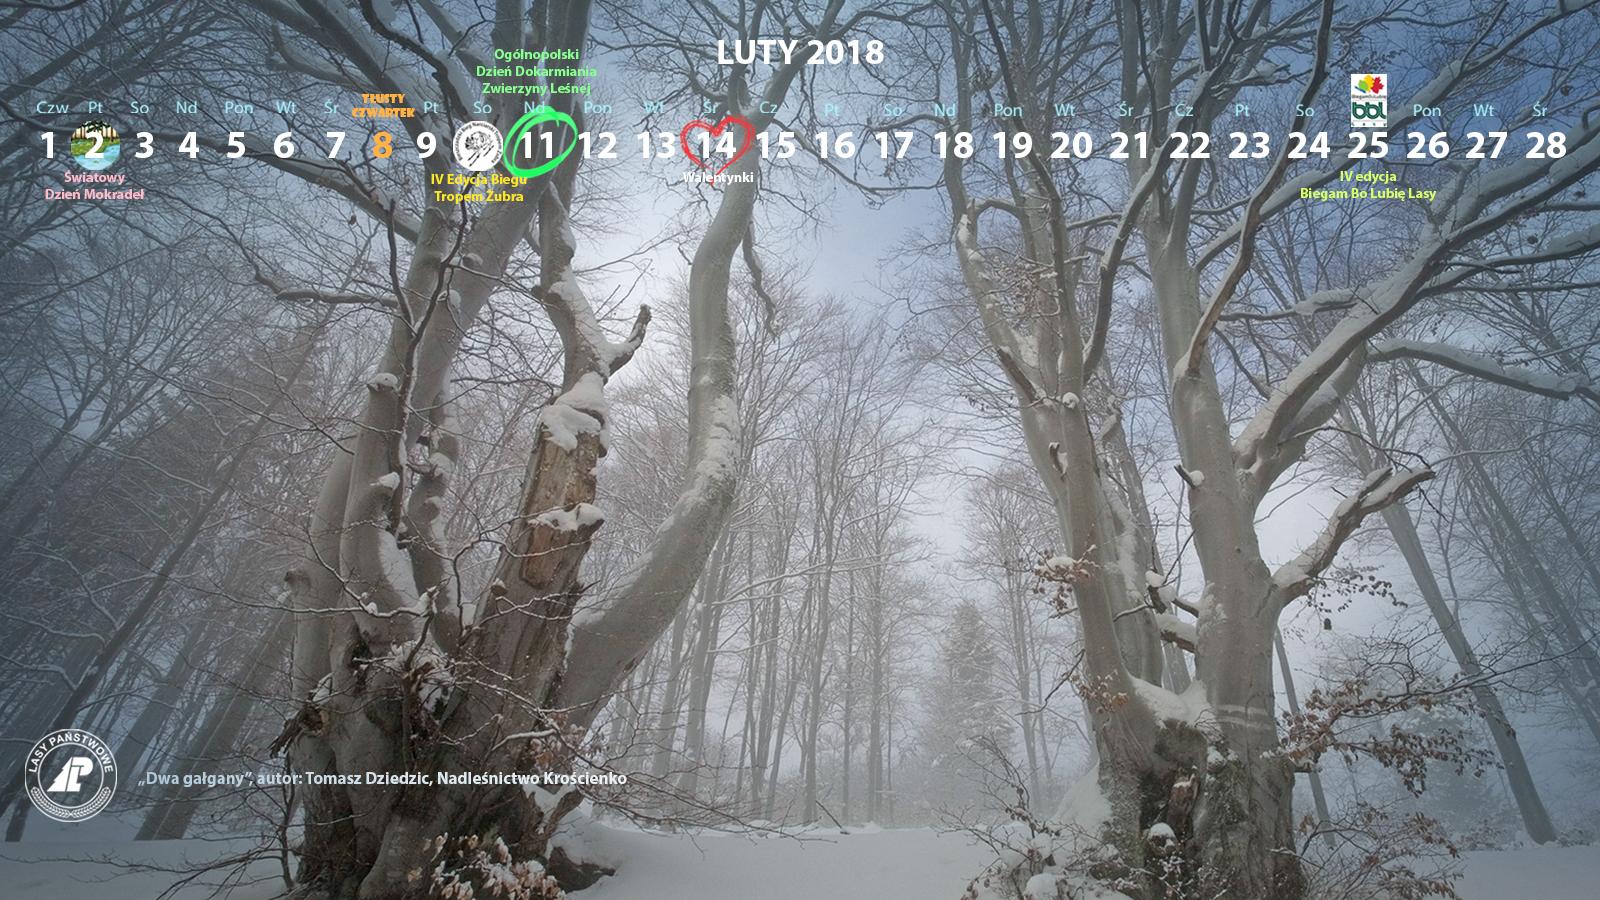 Kalendarz luty 2018 1600x900